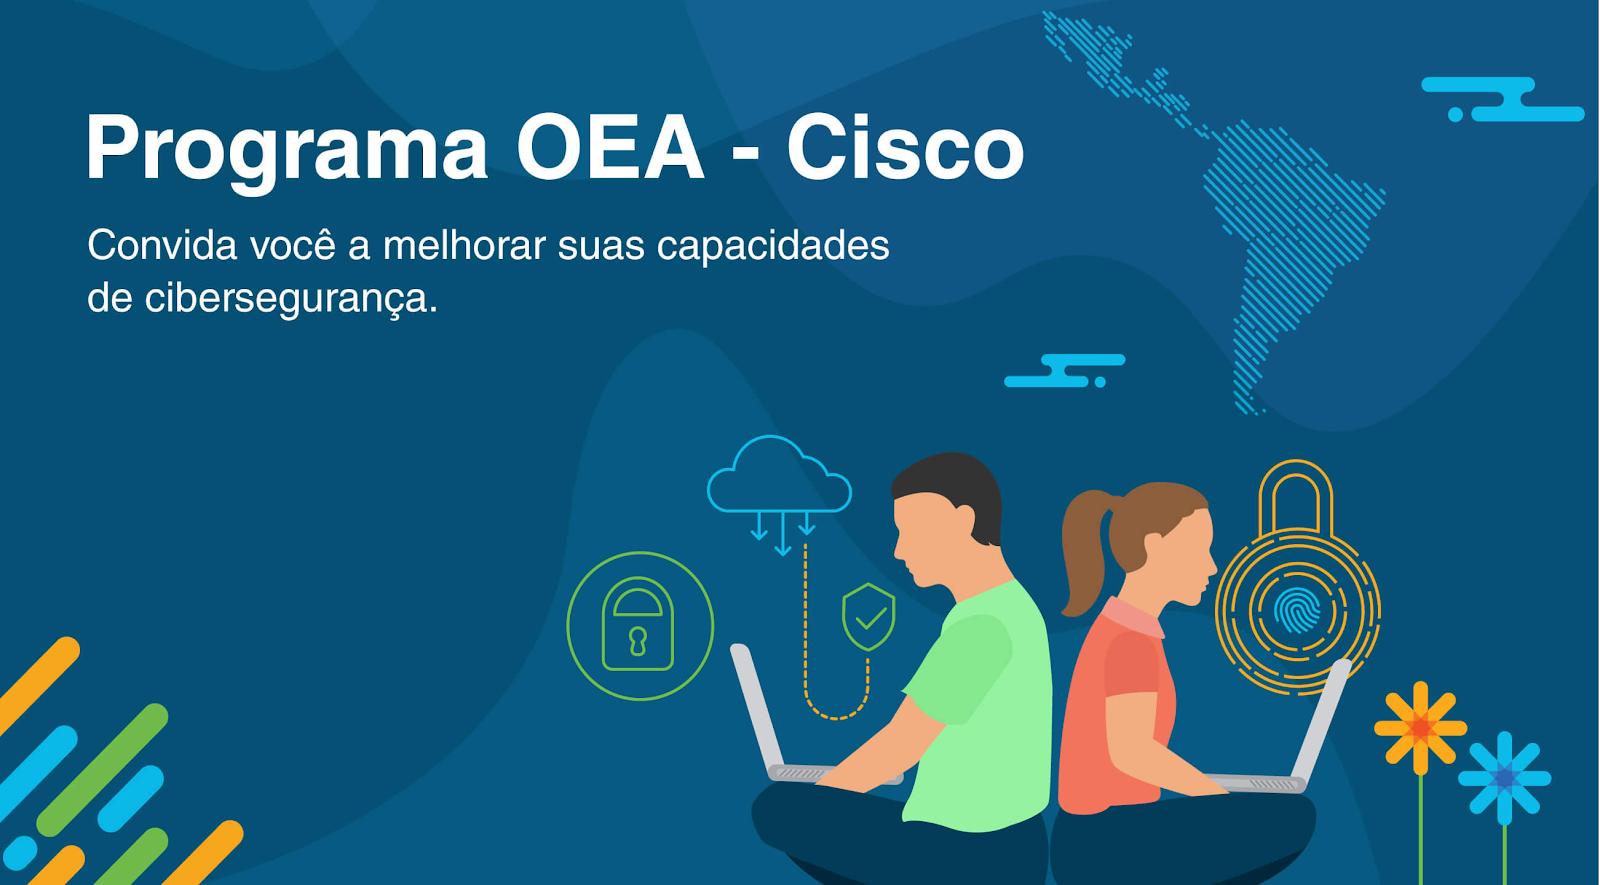 Cursos de cibersegurança da Cisco oferecem certificados.